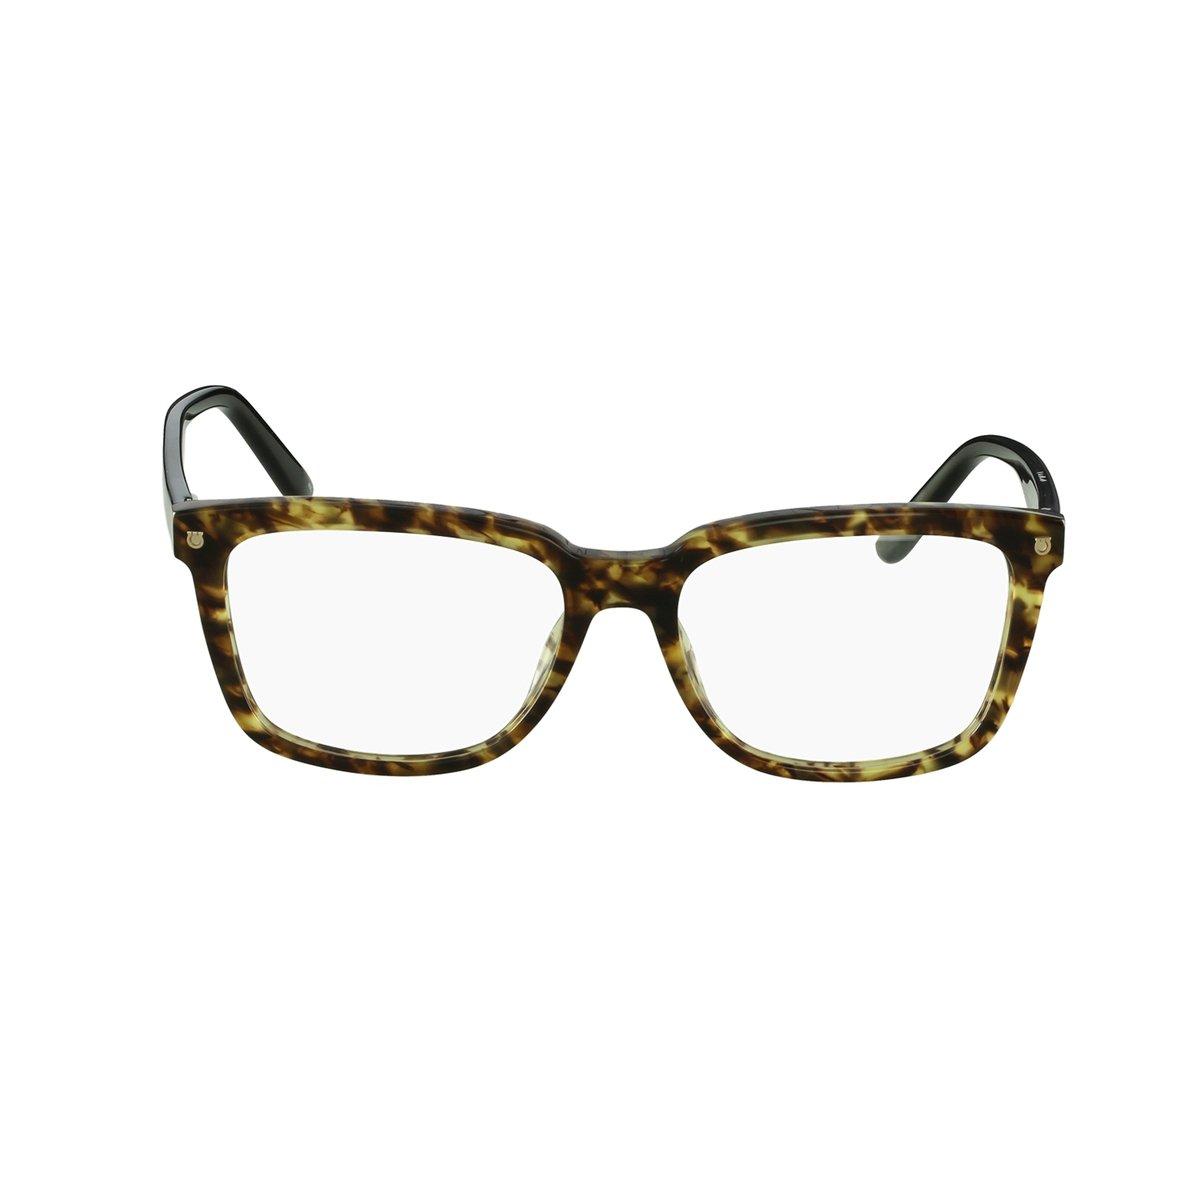 10c907236d32c Armação Óculos Salvatore Ferragamo Casual - Compre Agora